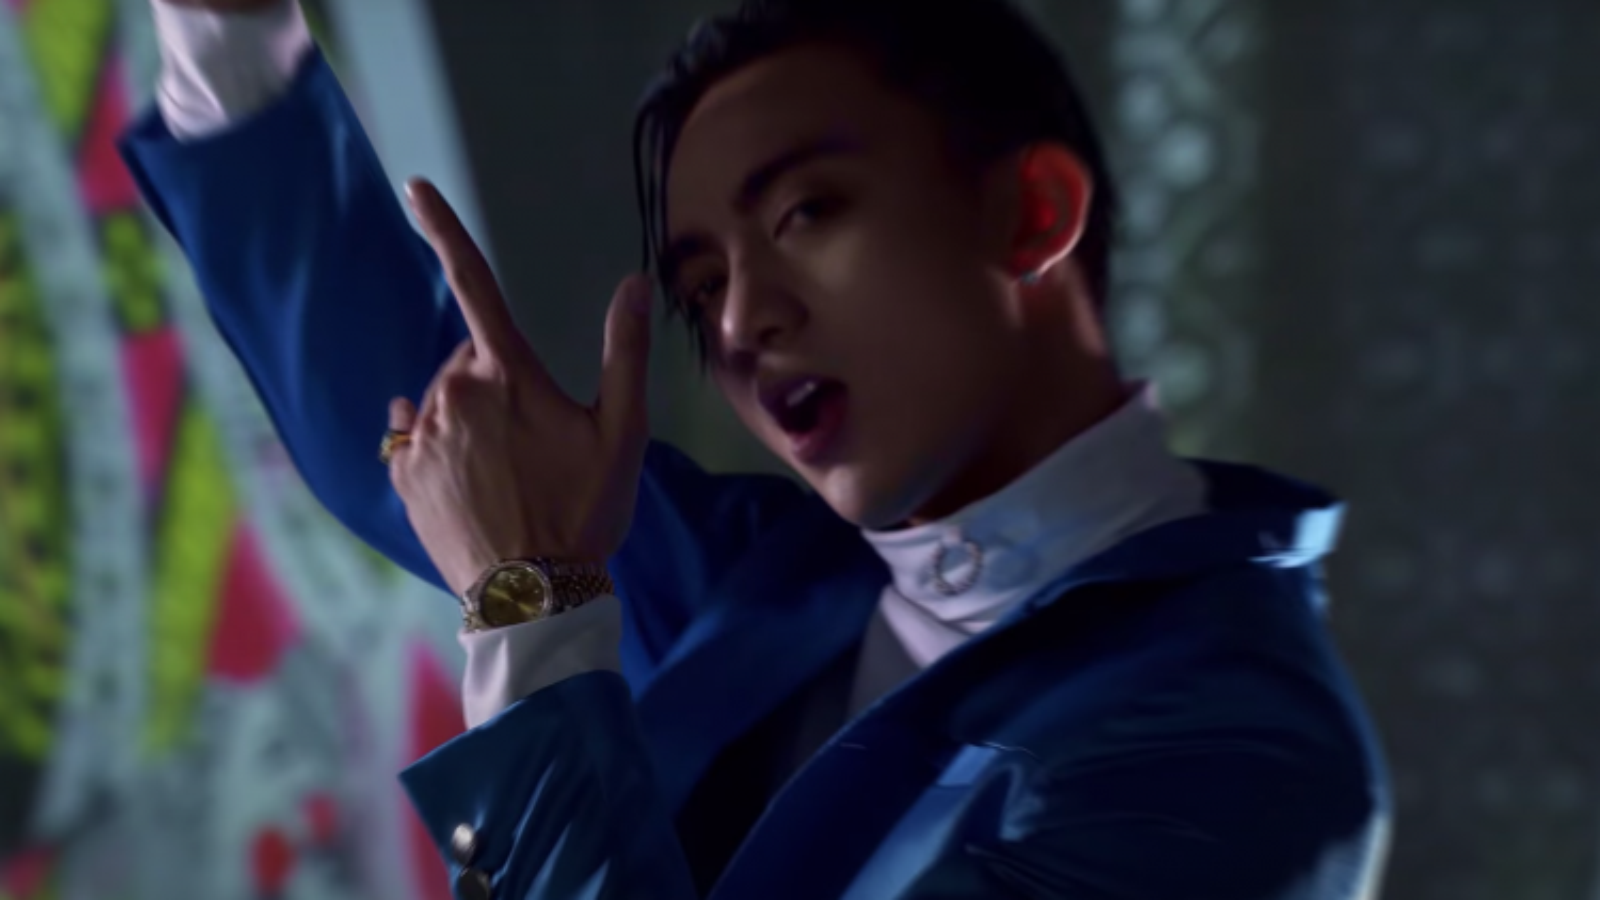 """Bóc loạt đồ hiệu hơn 1 tỷ của Soobin trong MV """"BlackJack"""""""